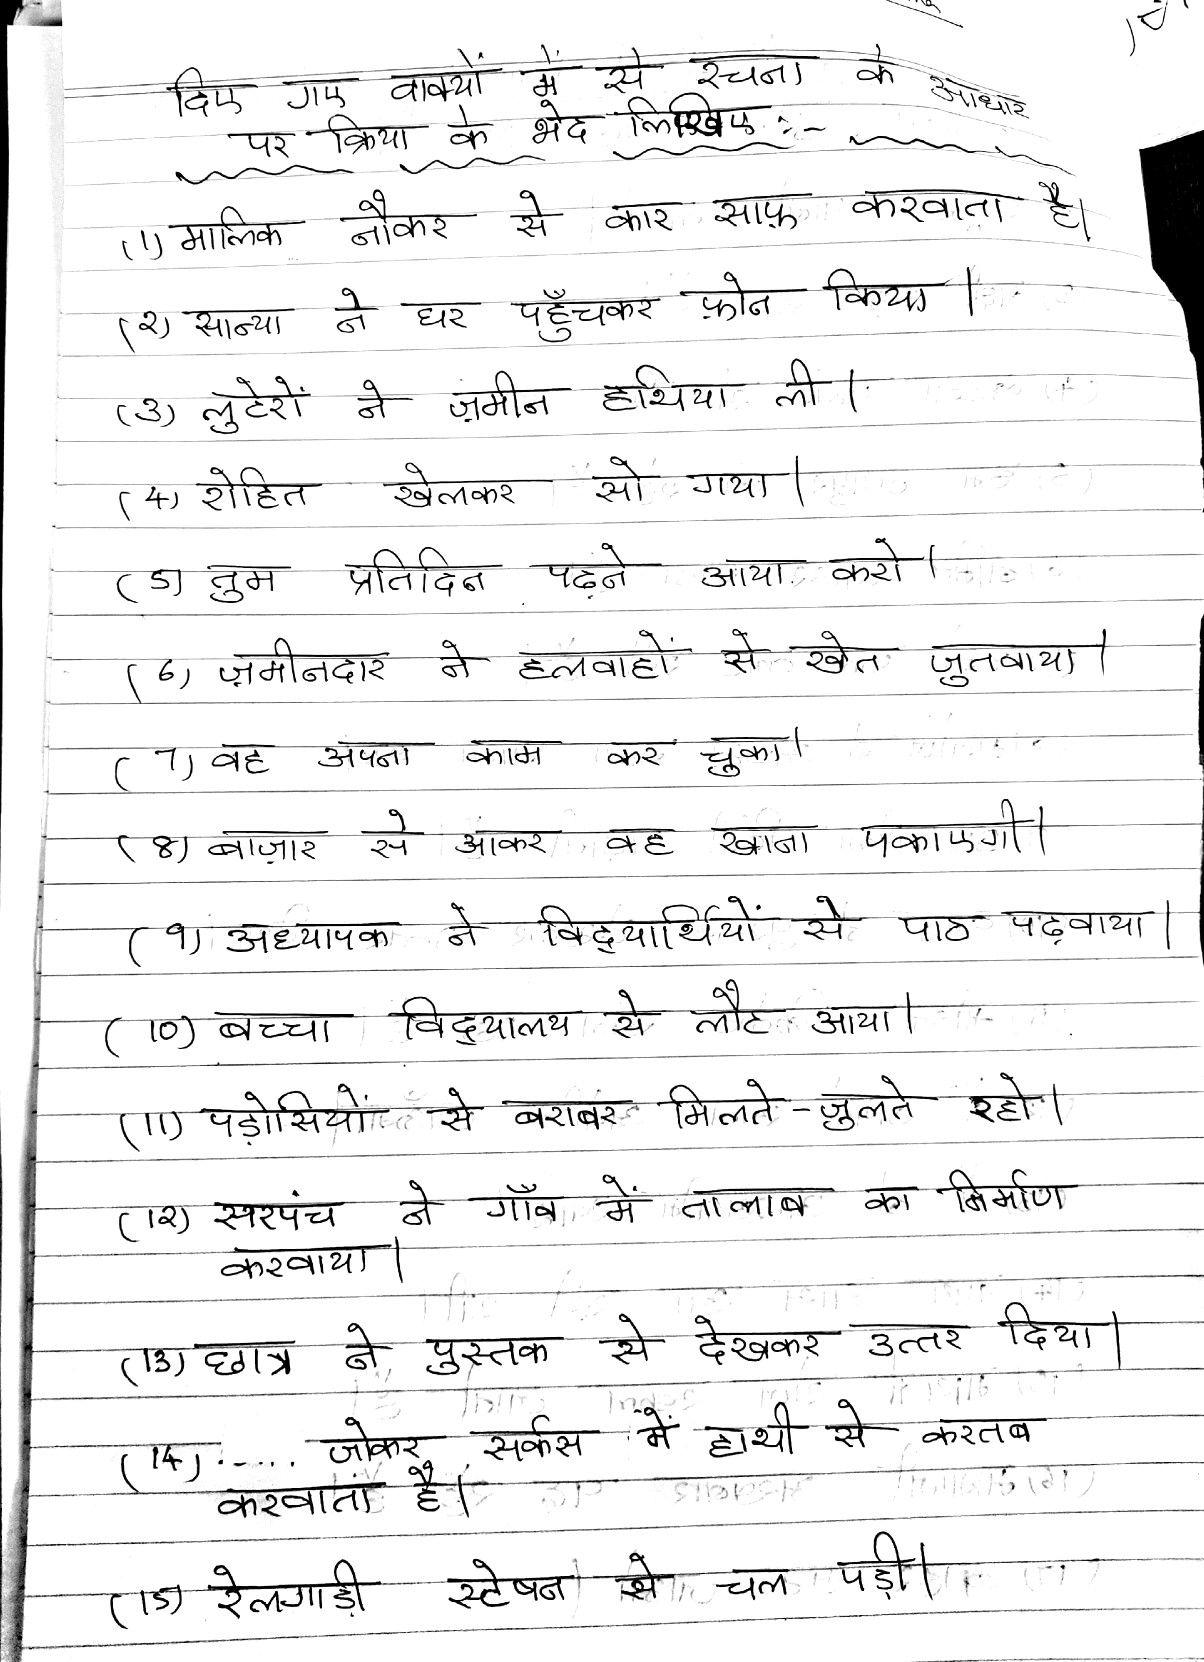 hight resolution of KRIYA -- रचना के आधार पर क्रिया के भेद (PREETHA)   Hindi worksheets